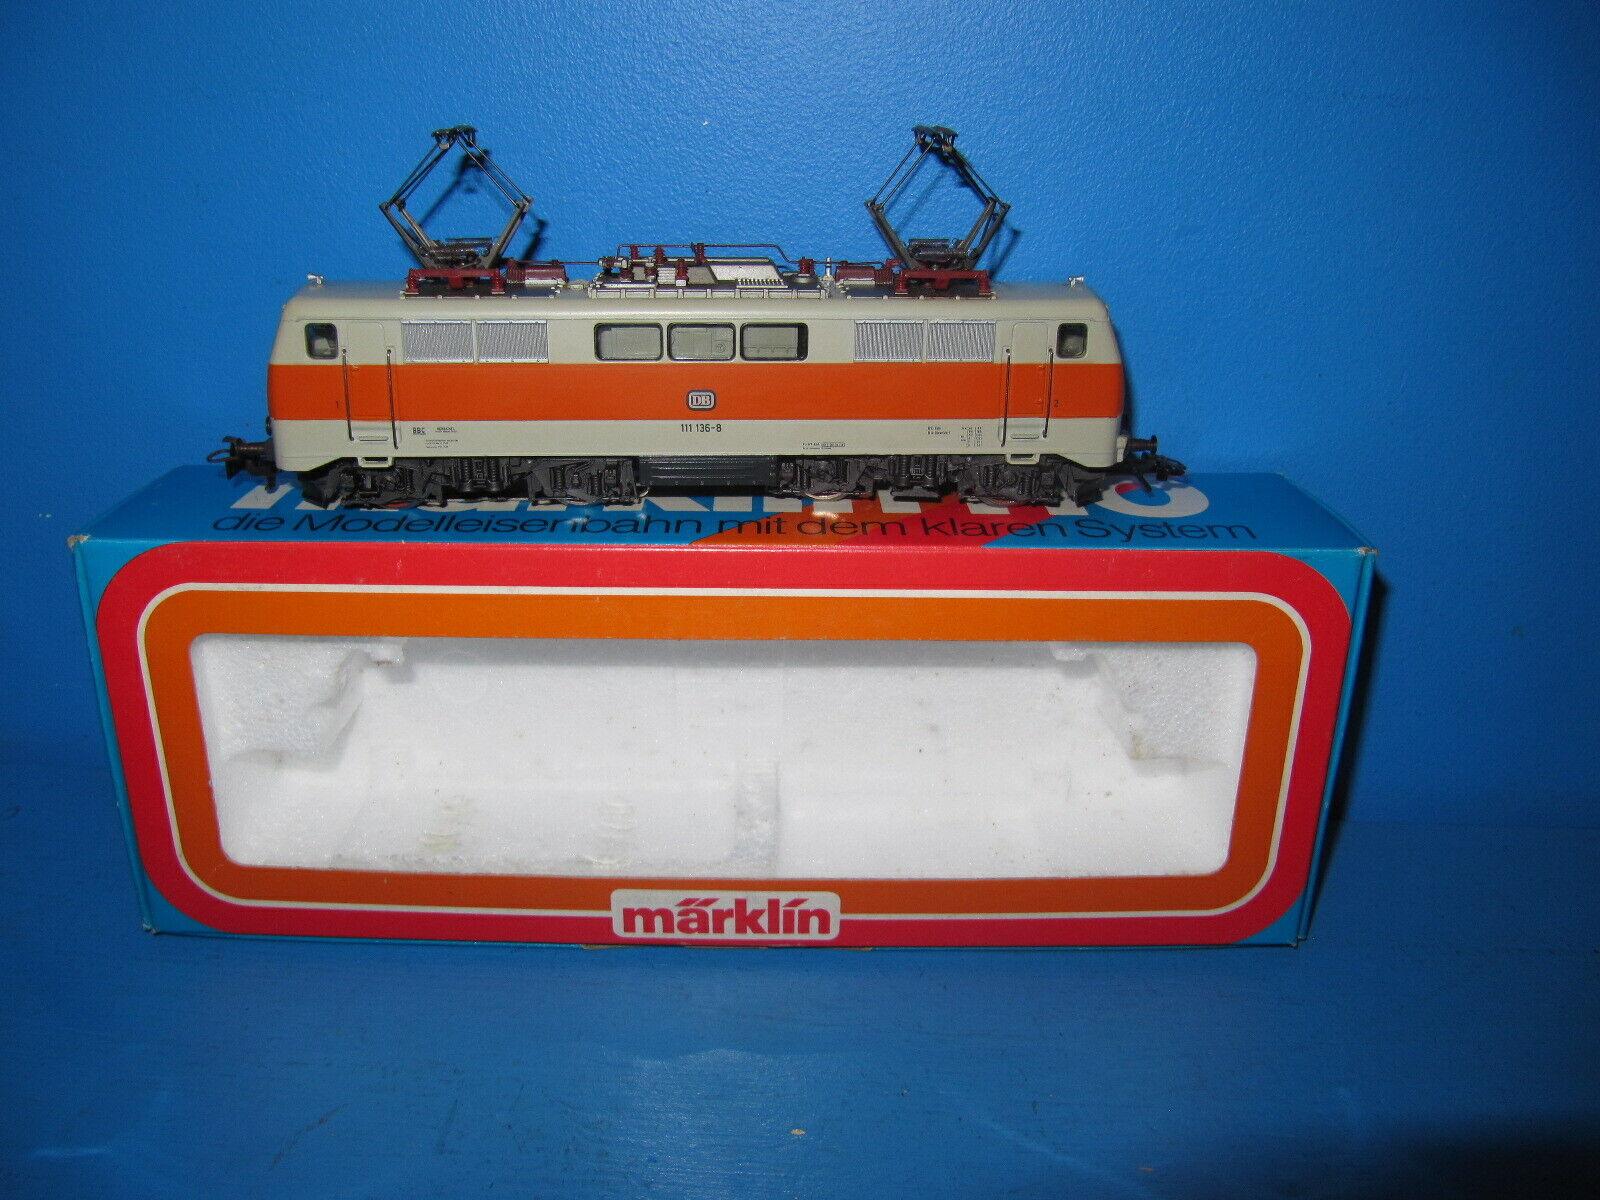 Märklin h0 E-Lok BR 111 136-8 delle DB in OVP no. 3155  969